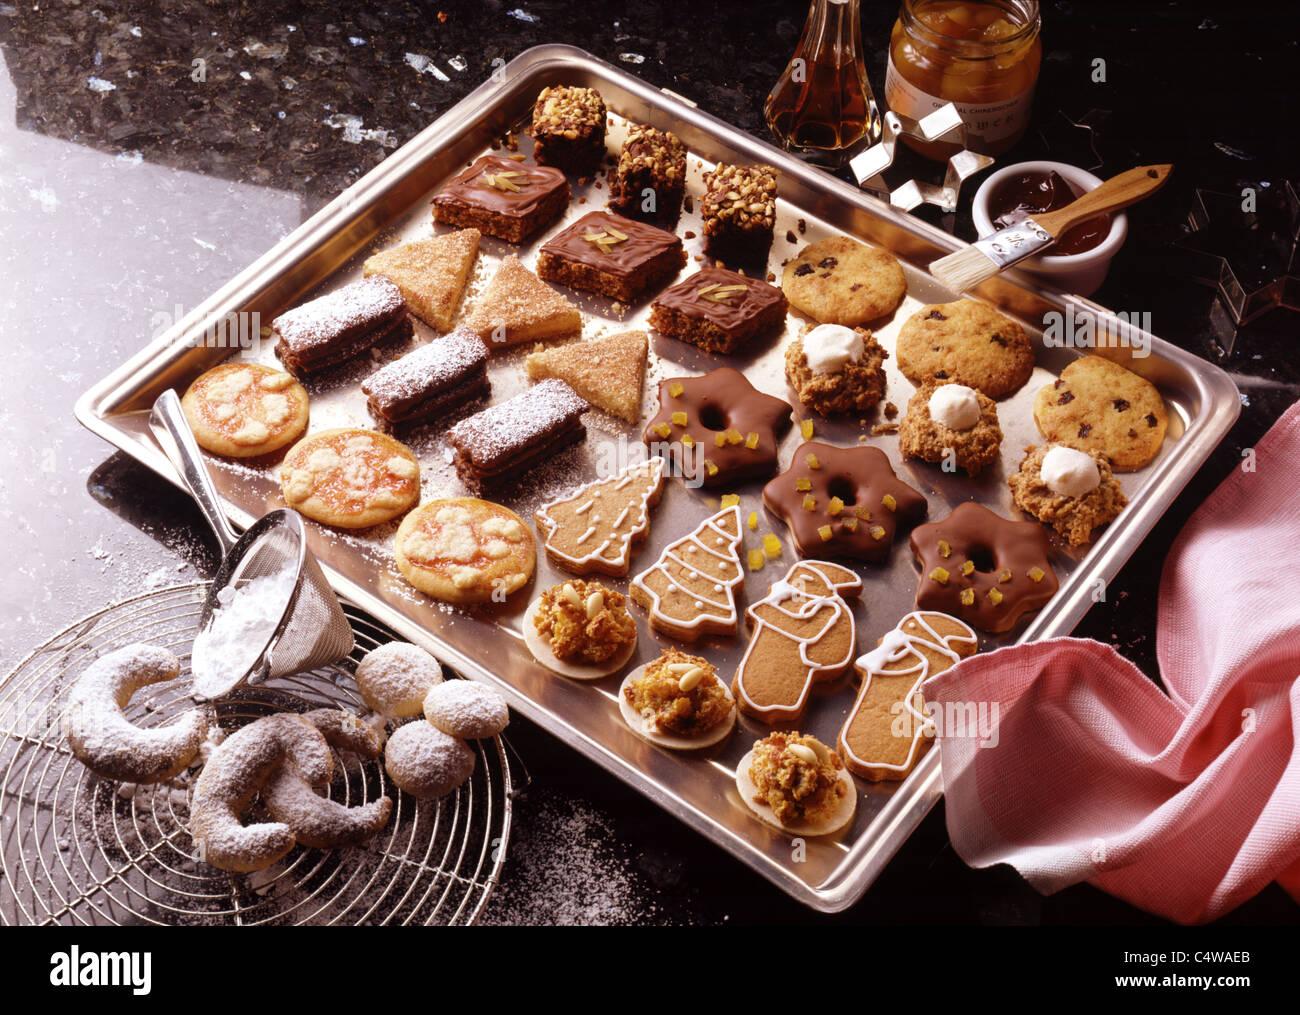 Tableau International Christmas Pastry Brownies Cookies Usa